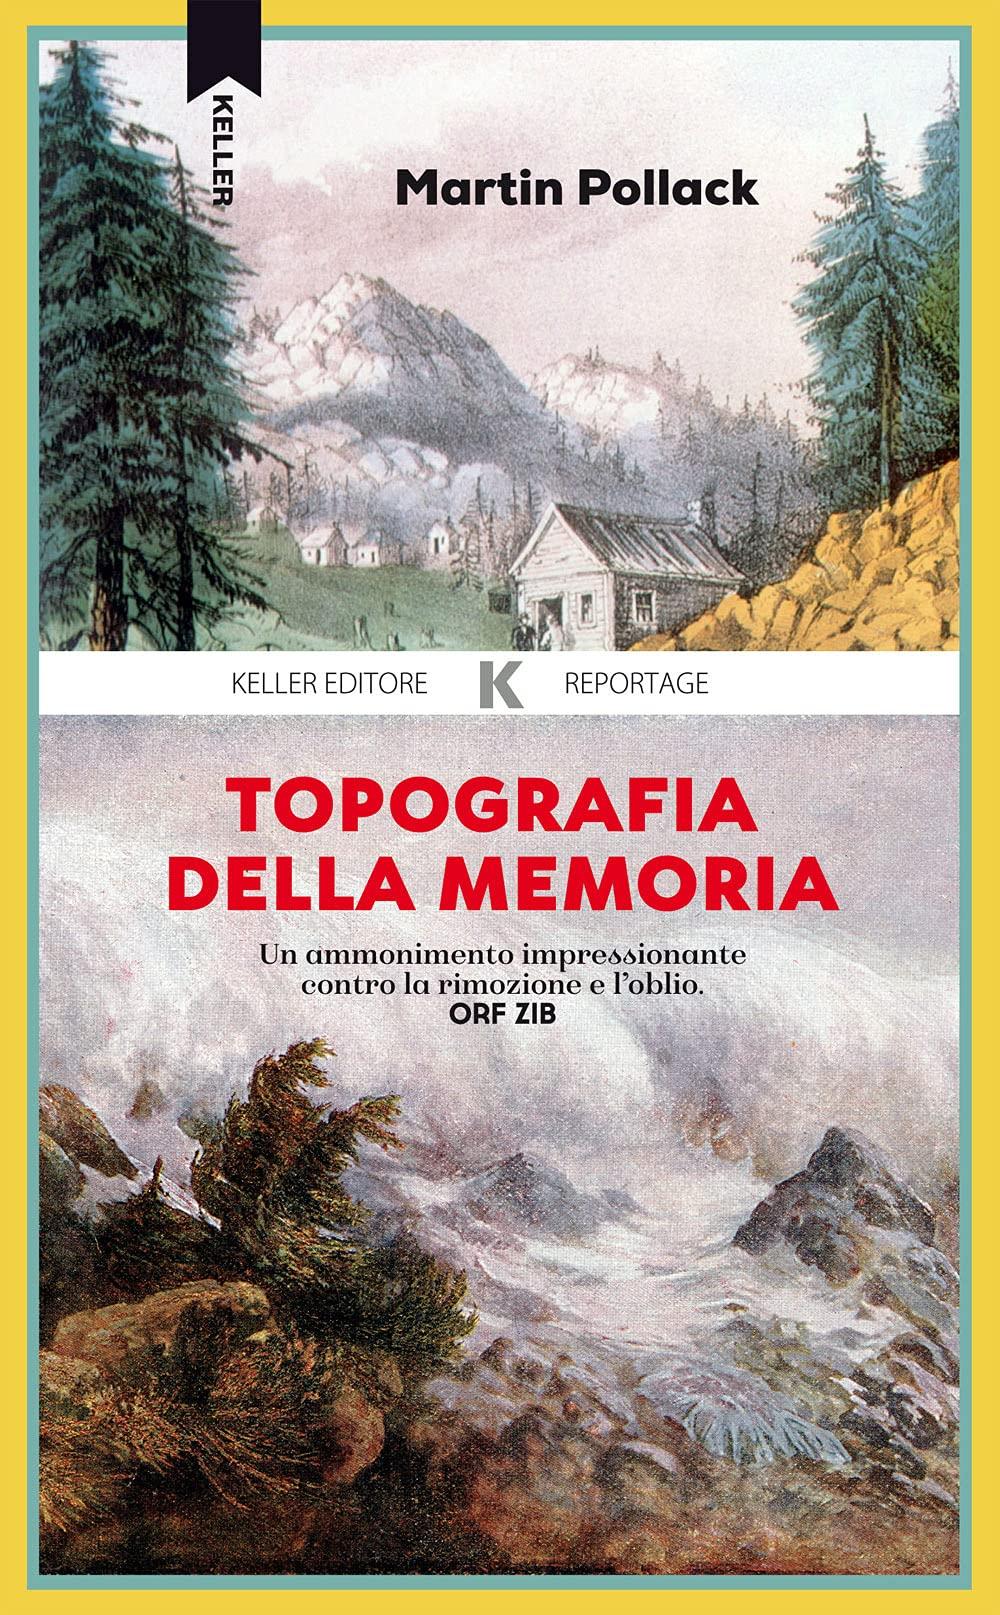 La prima di copertina del libro di Martin Pollak